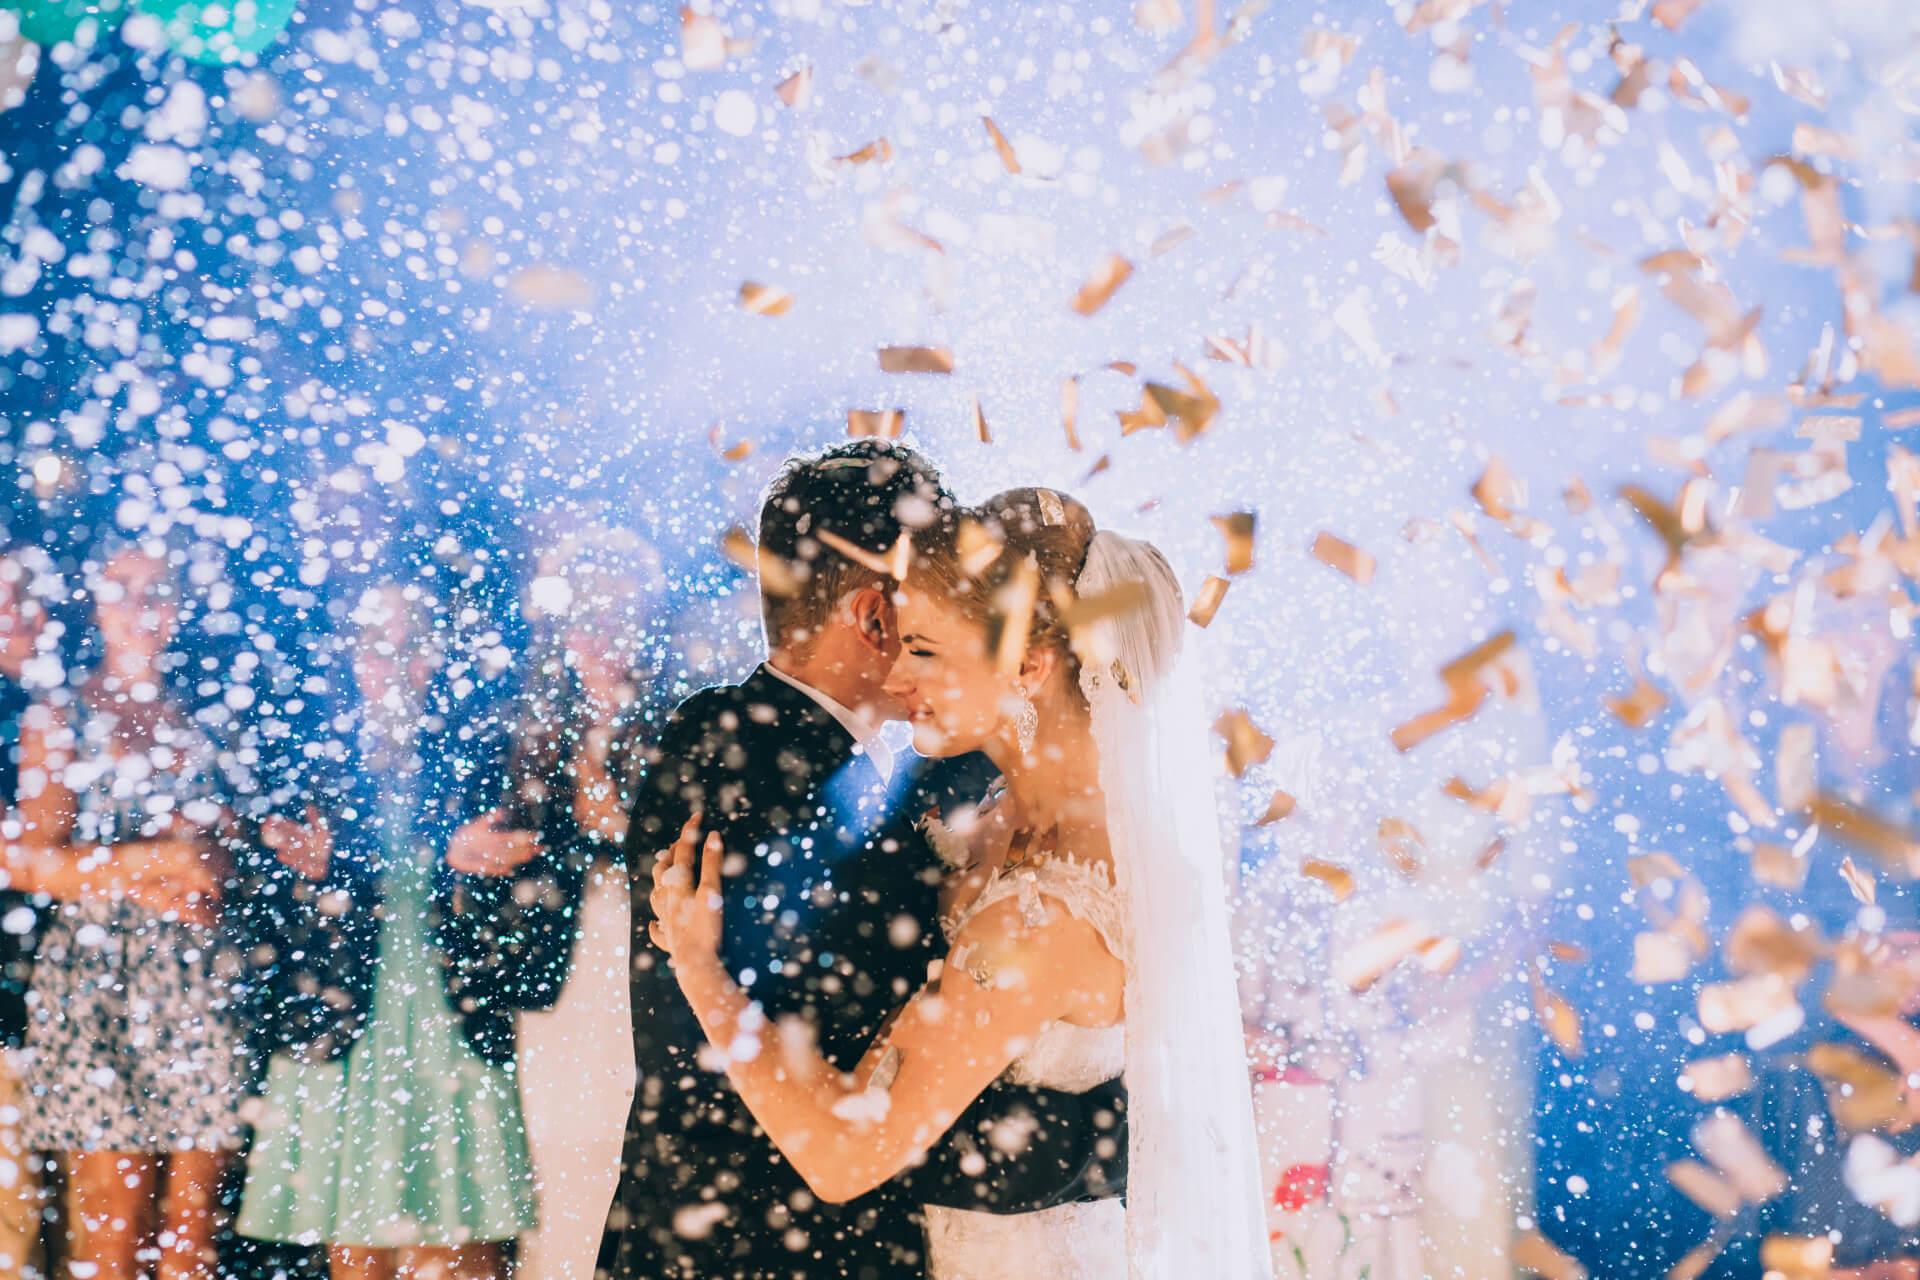 Videógrafos y fotógrafos para bodas en Margarita, Venezuela: Video y fotografía de bodas en la Isla de Margarita, servicios profesionales